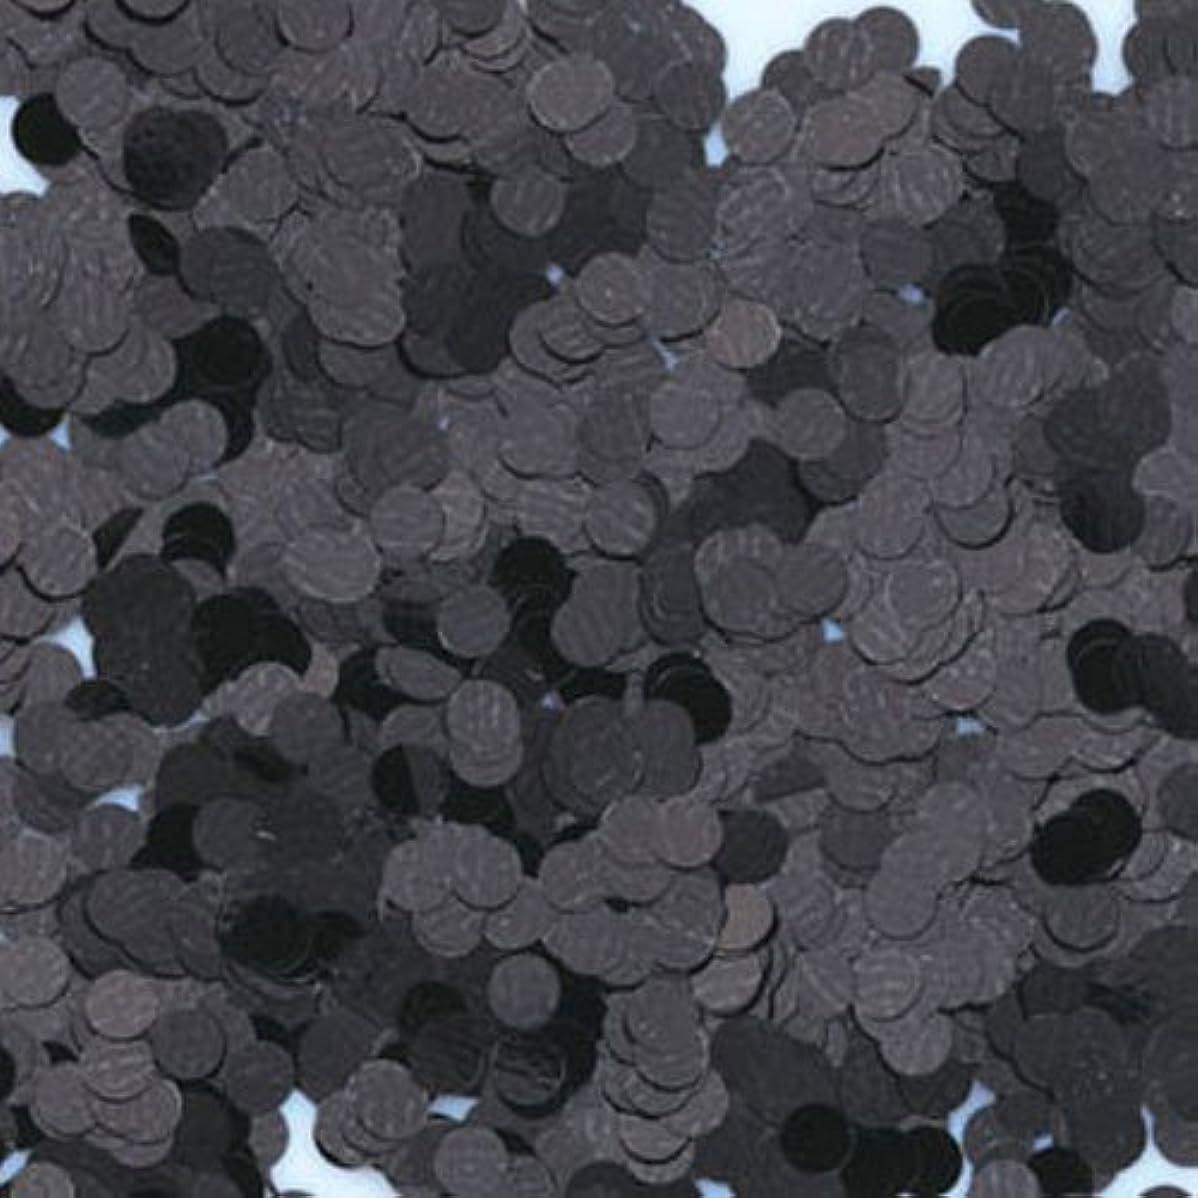 ヘロイン落とし穴離すピカエース ネイル用パウダー 丸カラー 1.5mm #412 ブラック 0.5g